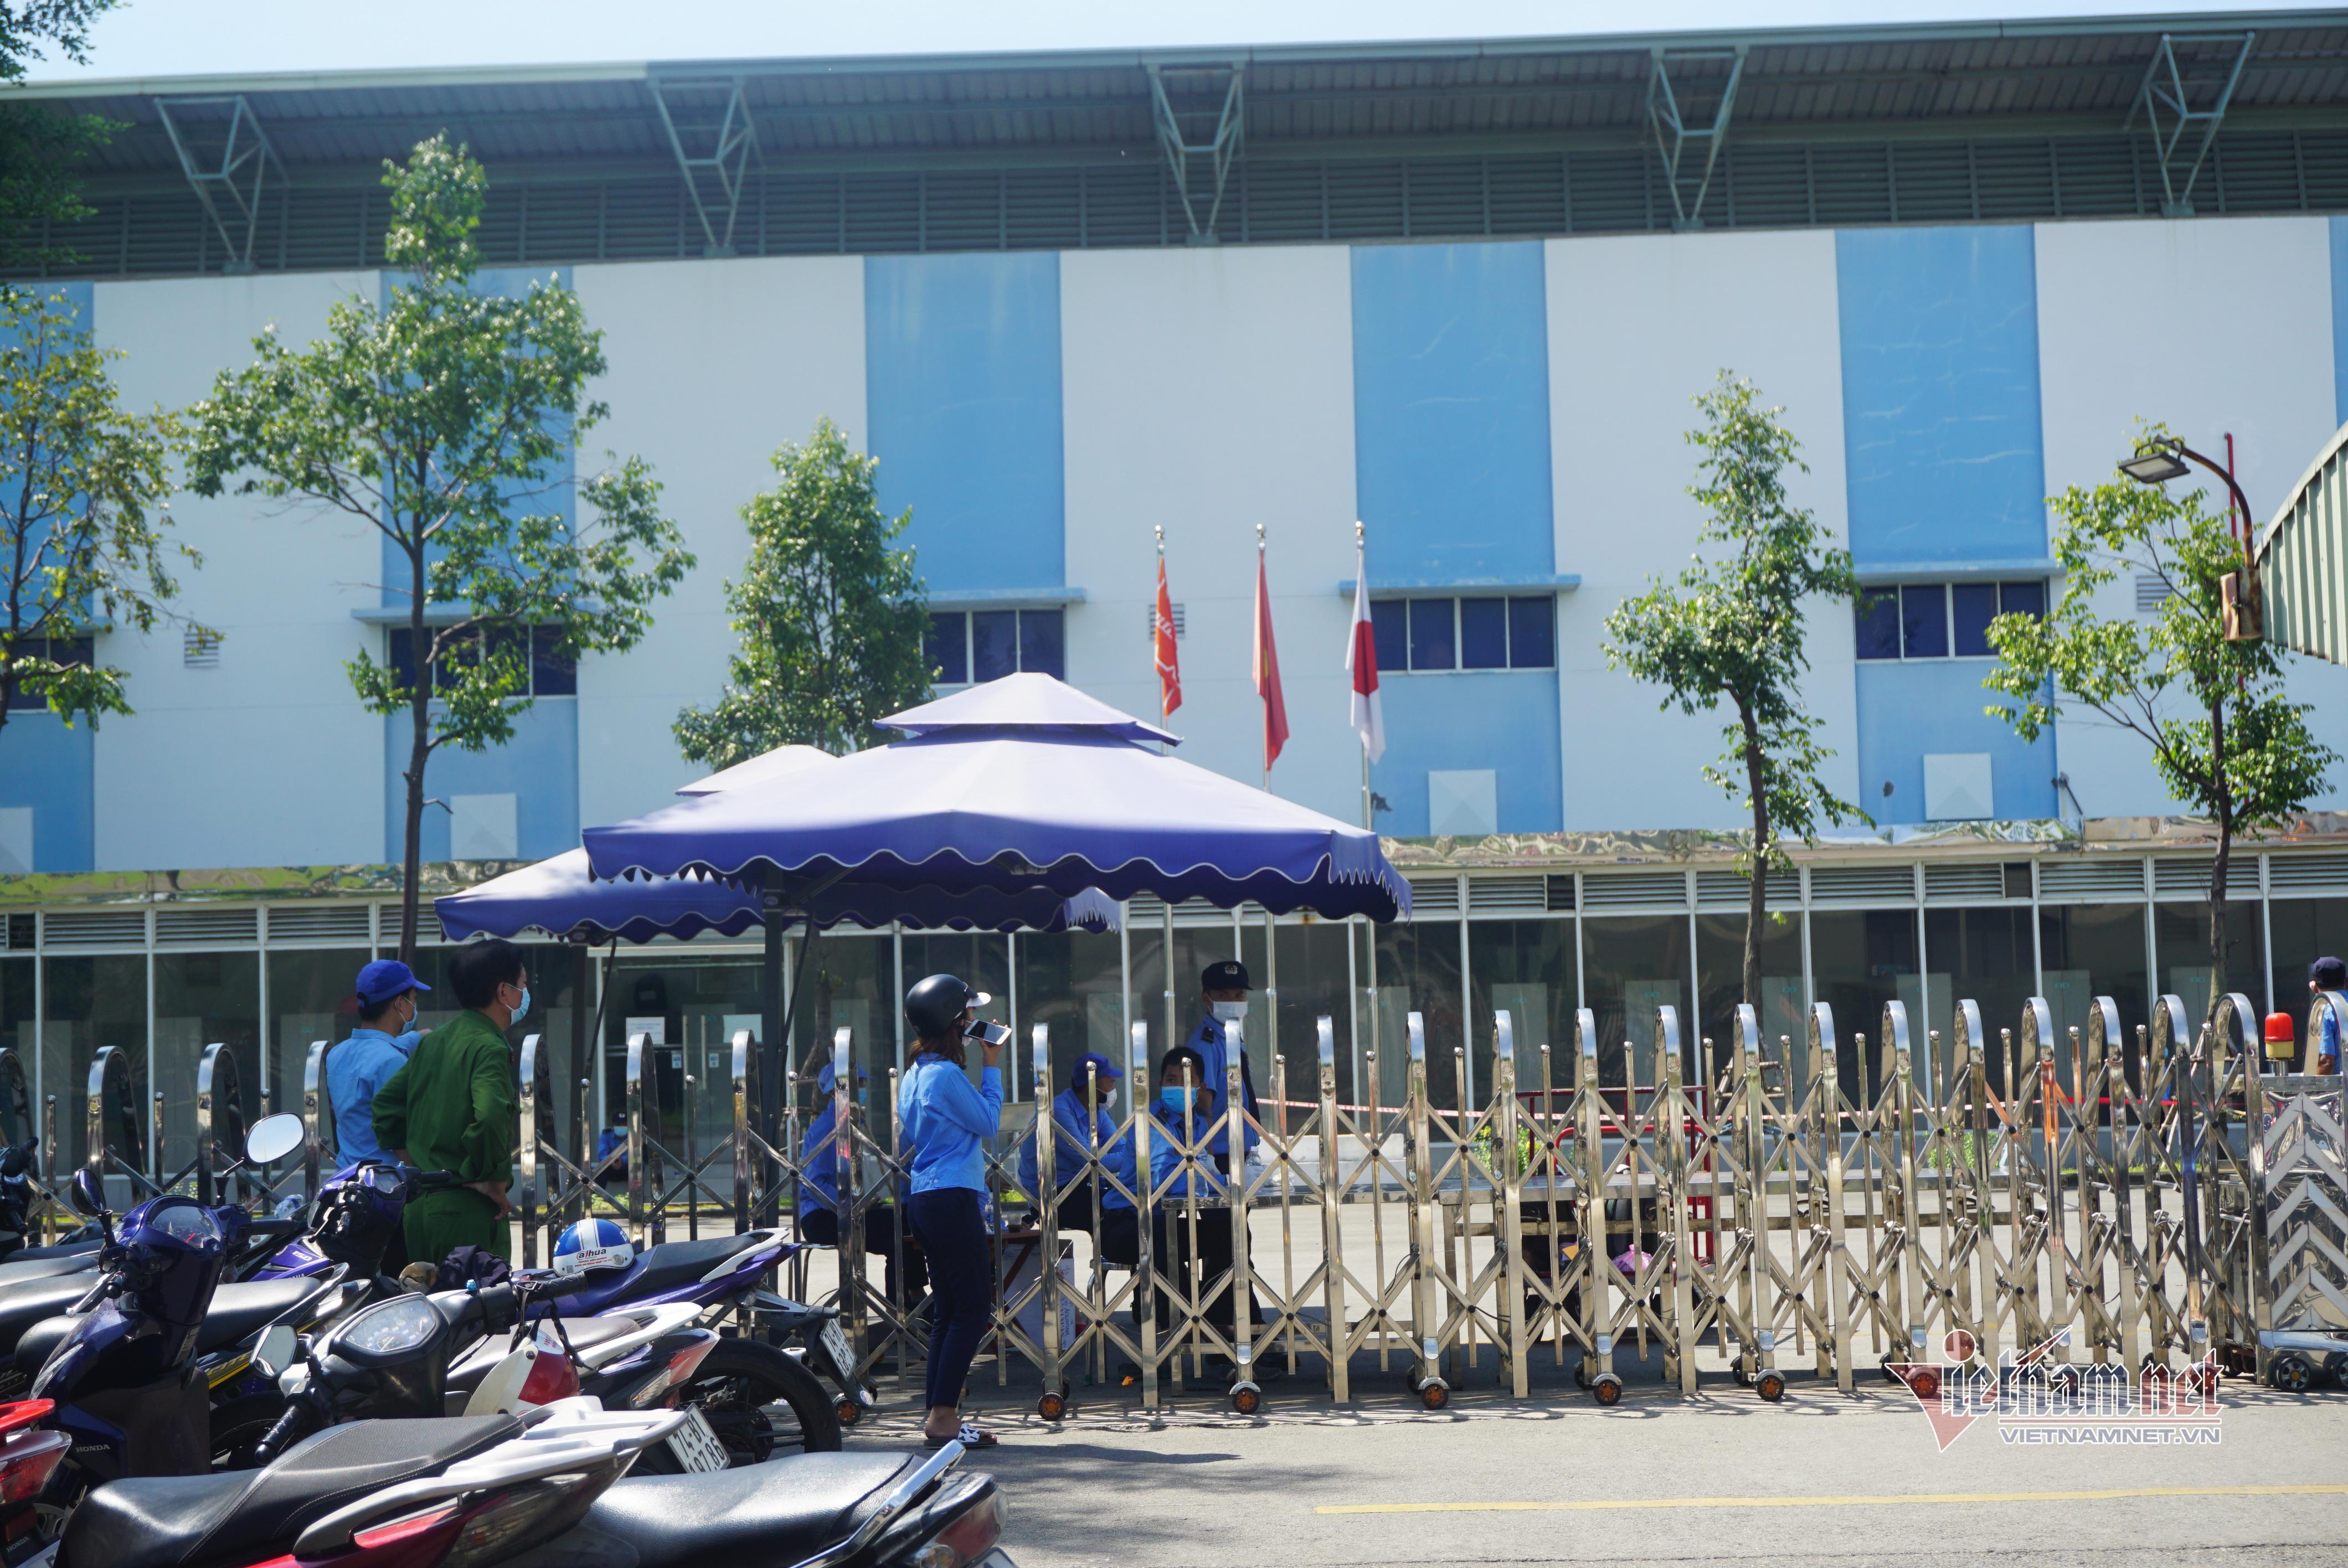 Thêm 30 ca dương tính nCoV ở Đà Nẵng, có chuỗi lây nhiễm chưa được kiểm soát - ảnh 1